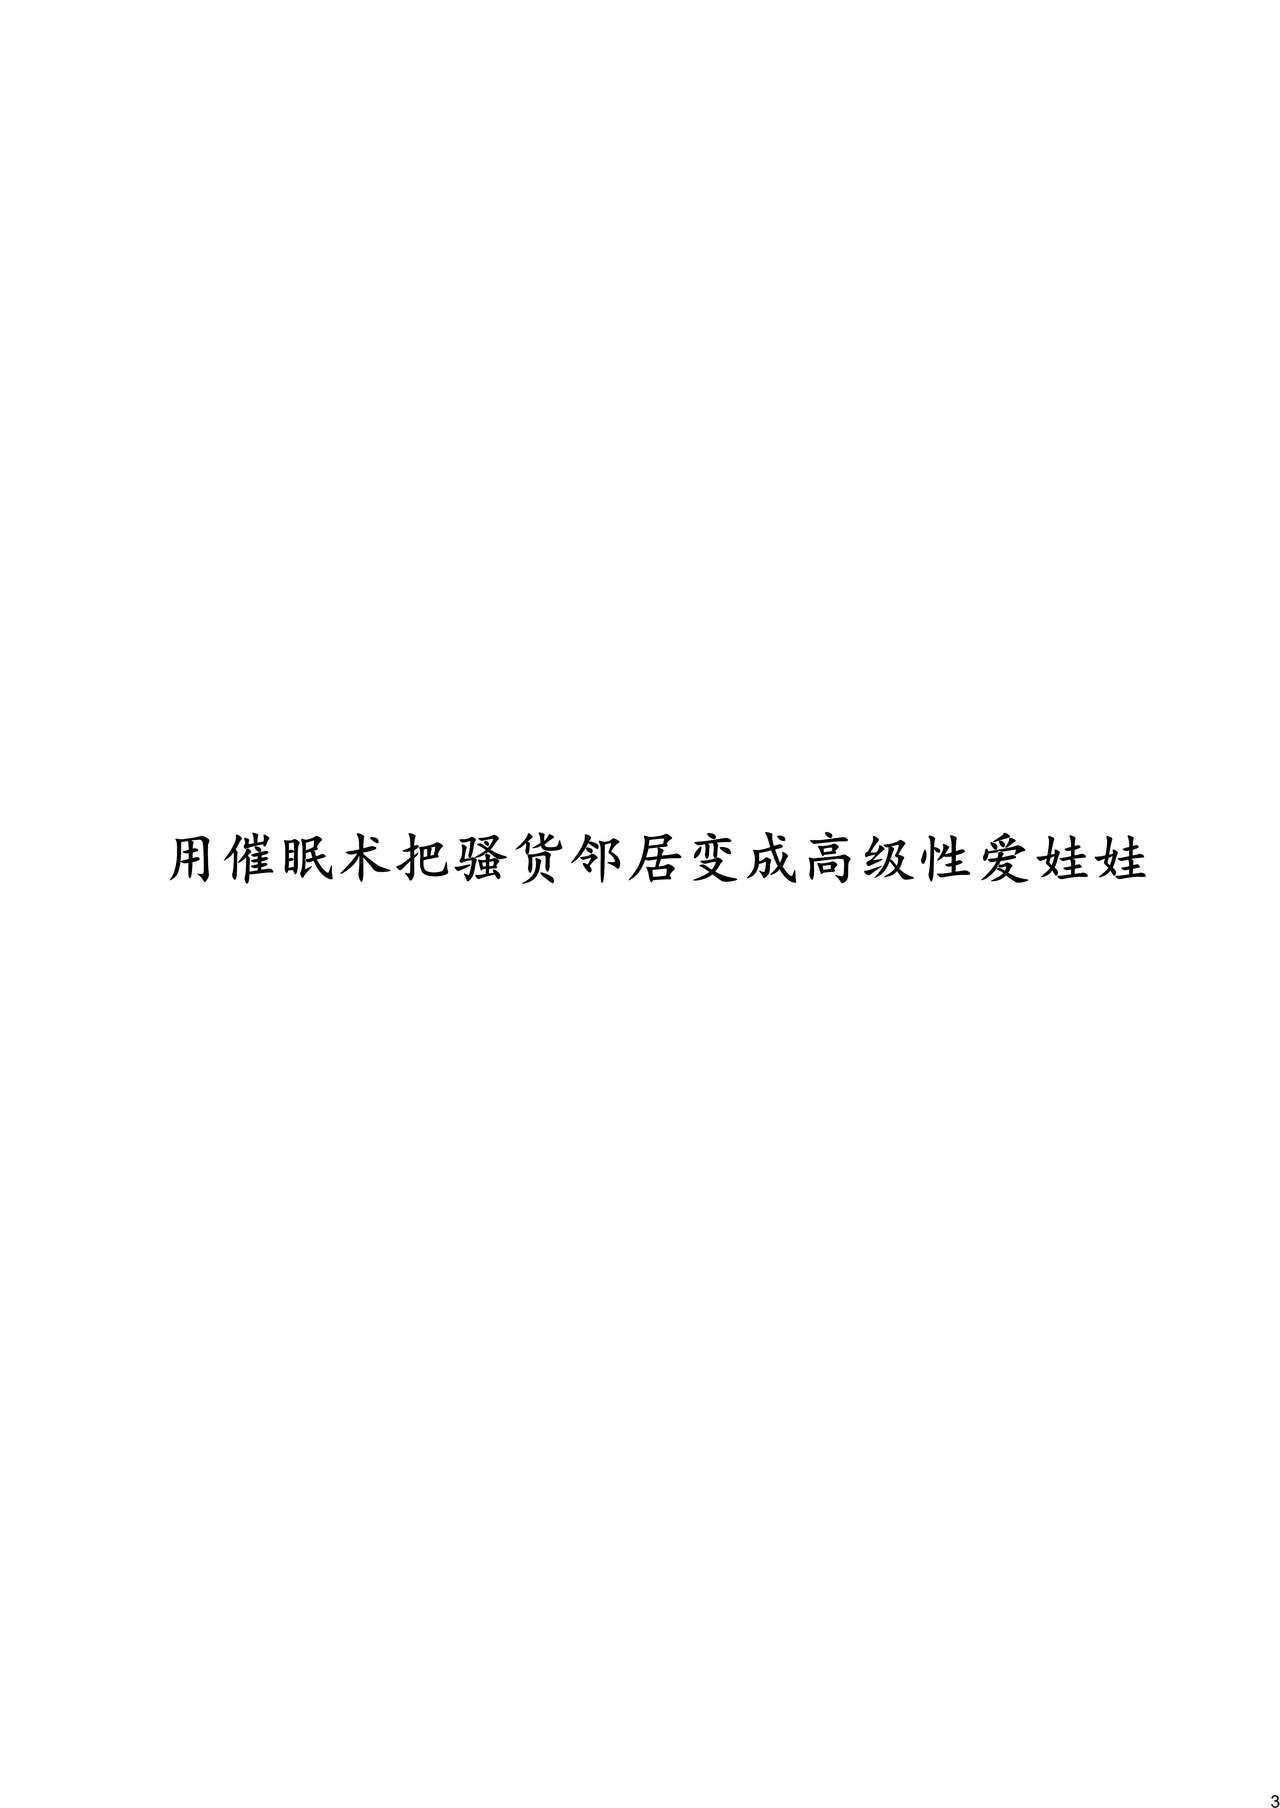 Kuso Haradatsu Tonari no Yariman Yankee o Saiminjutsu de Saikoukyuu Onaho ni Suru 2